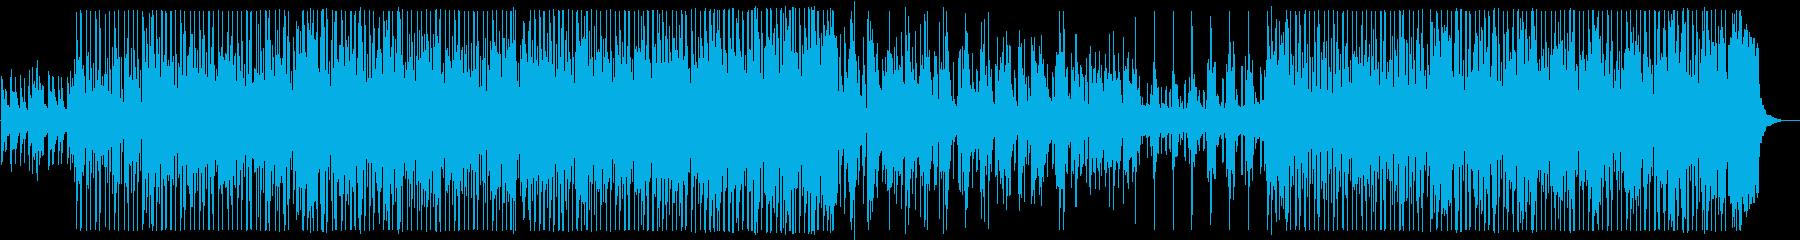 管楽器が入った小編成のジャズの再生済みの波形